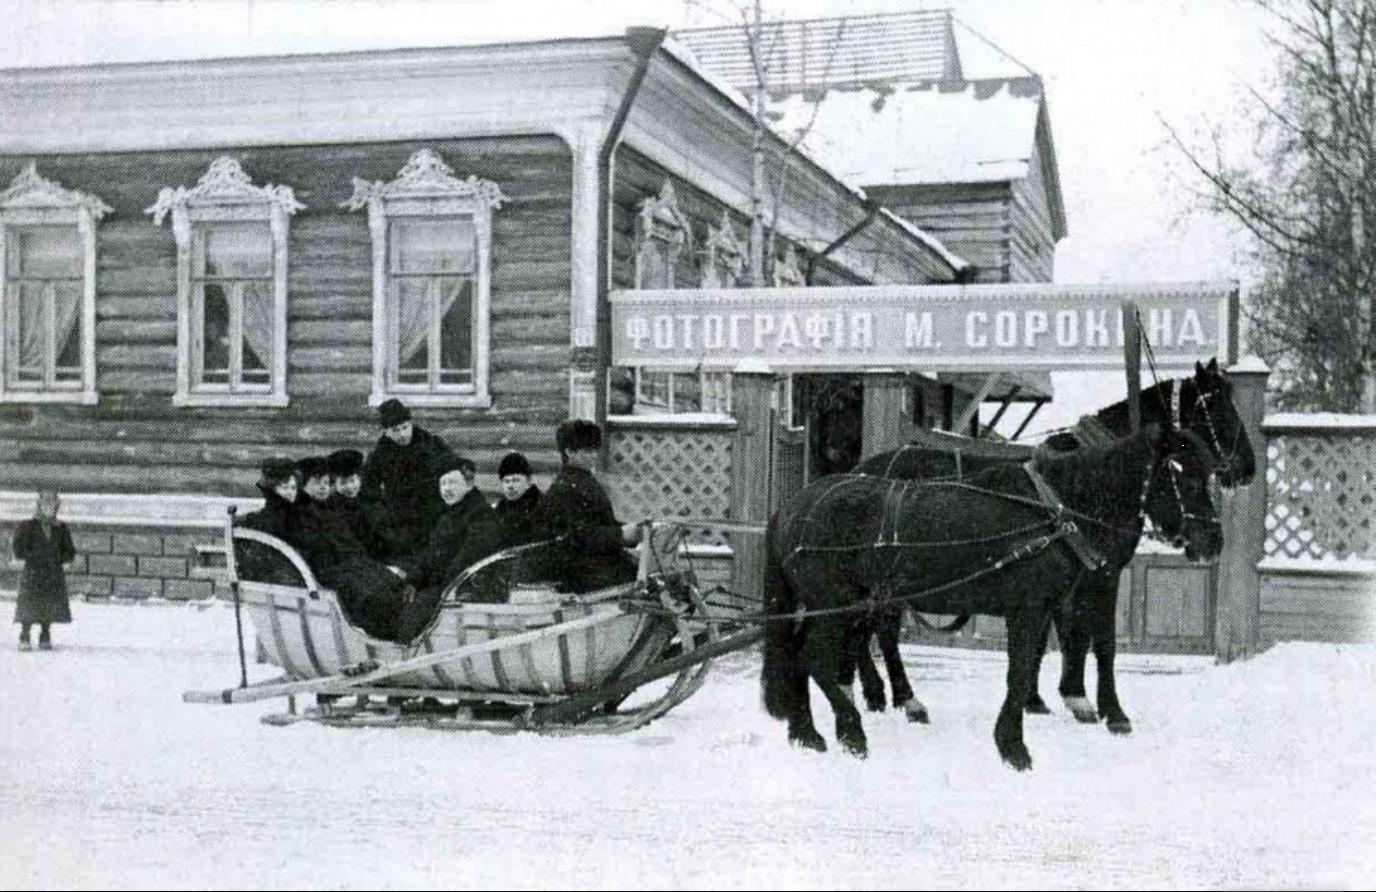 Псковский проспект. Фотография М. Сорокина